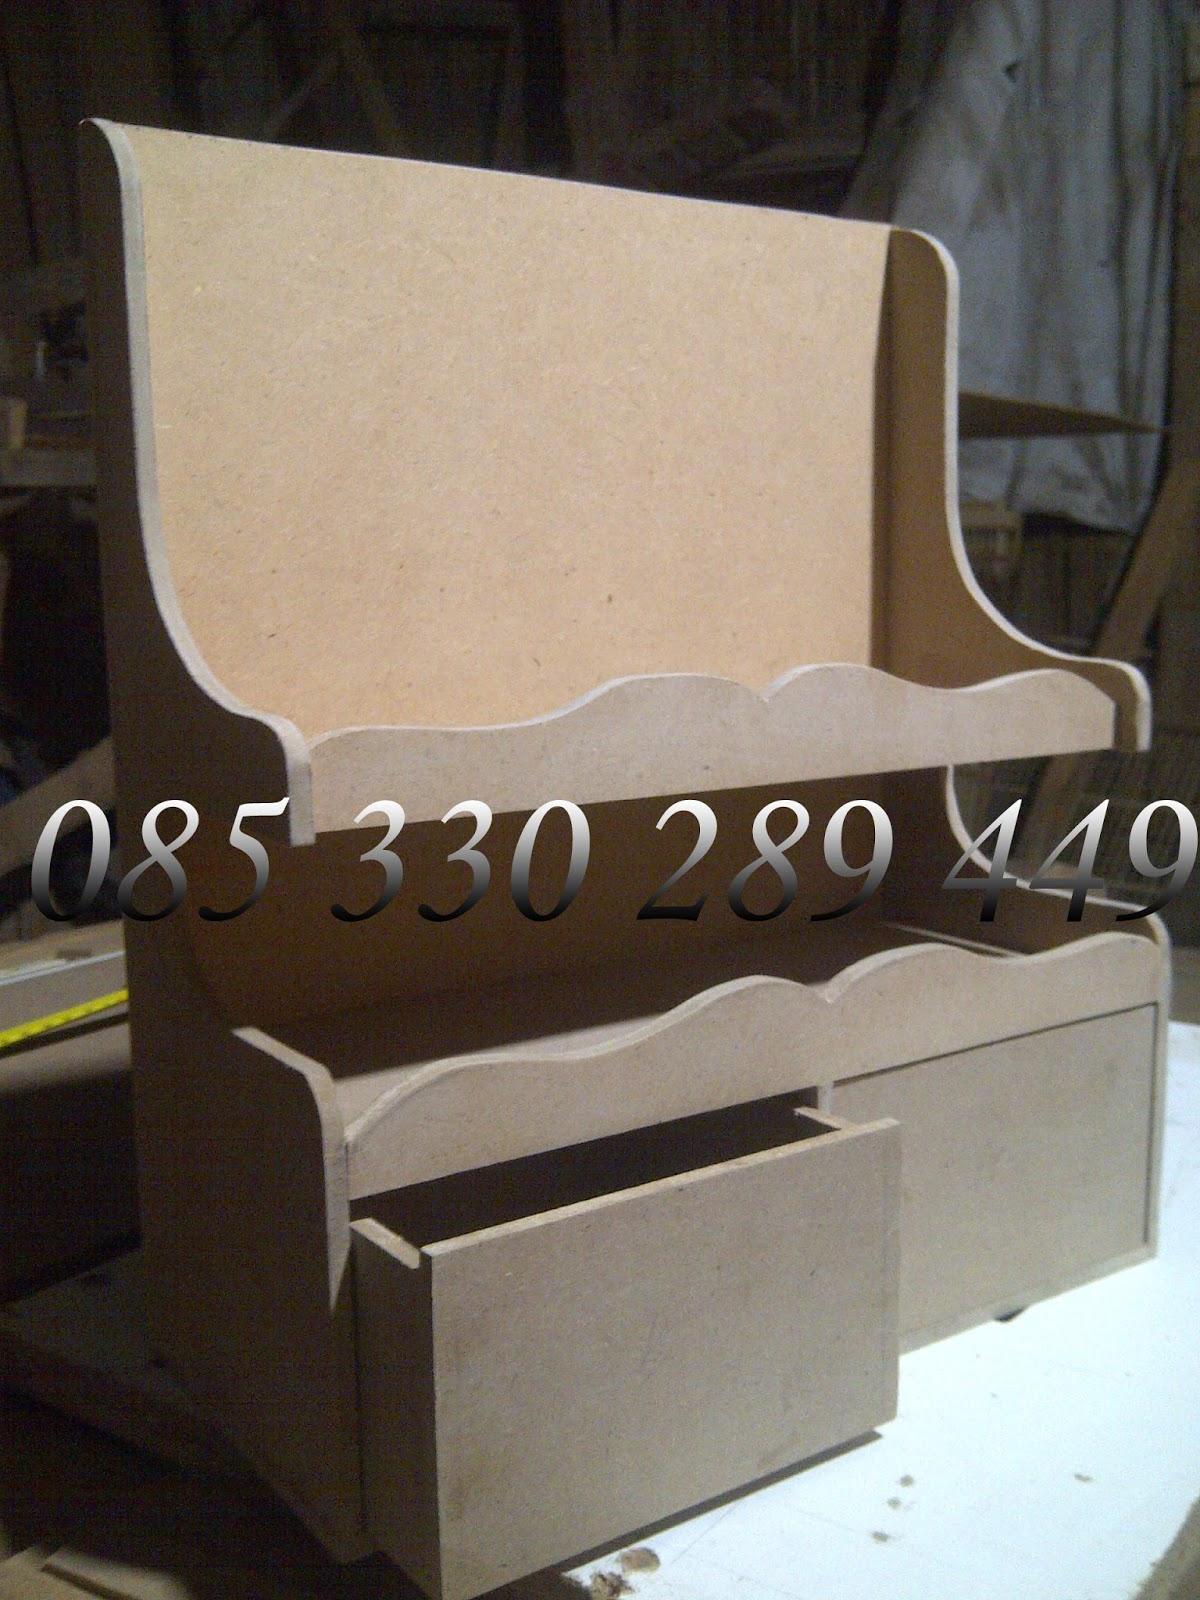 Kerajinan Souvenir Dari Kayu Limbah: Foto Gambar Souvenir ...